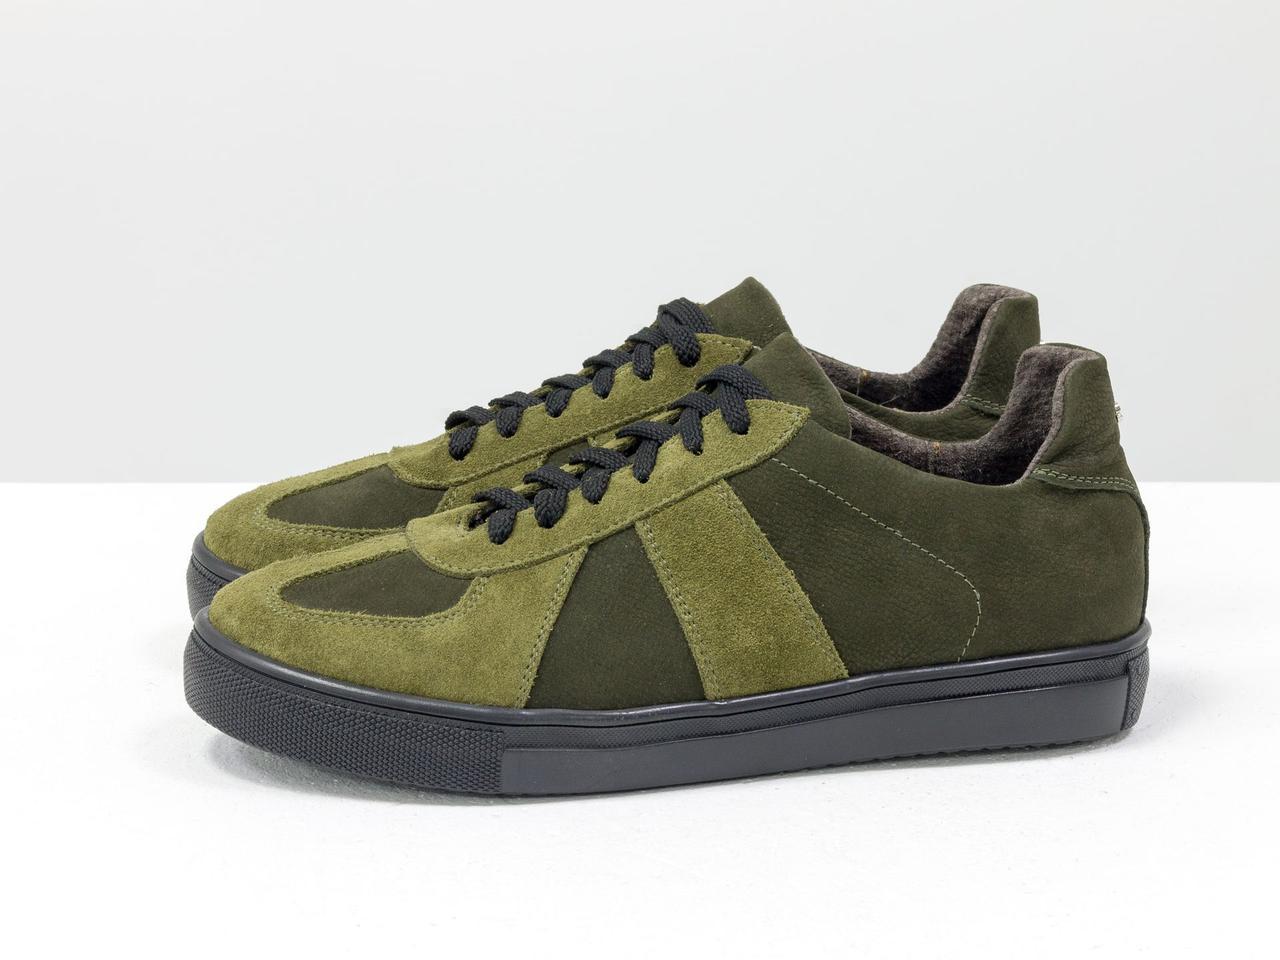 Стильные кроссовки из натуральной замши и матовой кожи оливкового и болотного цвета - фото 3